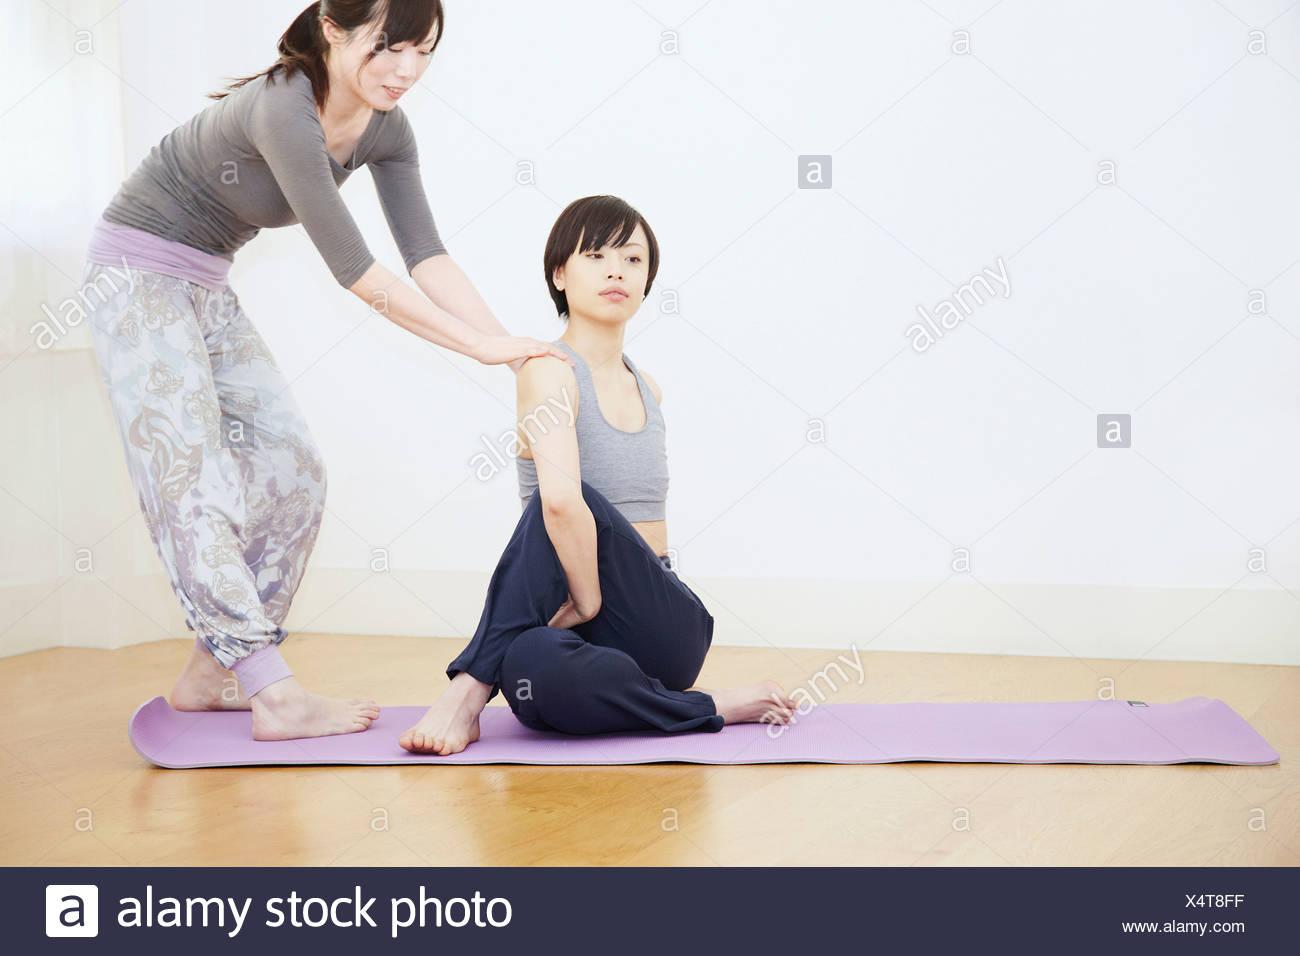 Yoga Teacher Stock Photos & Yoga Teacher Stock Images - Alamy